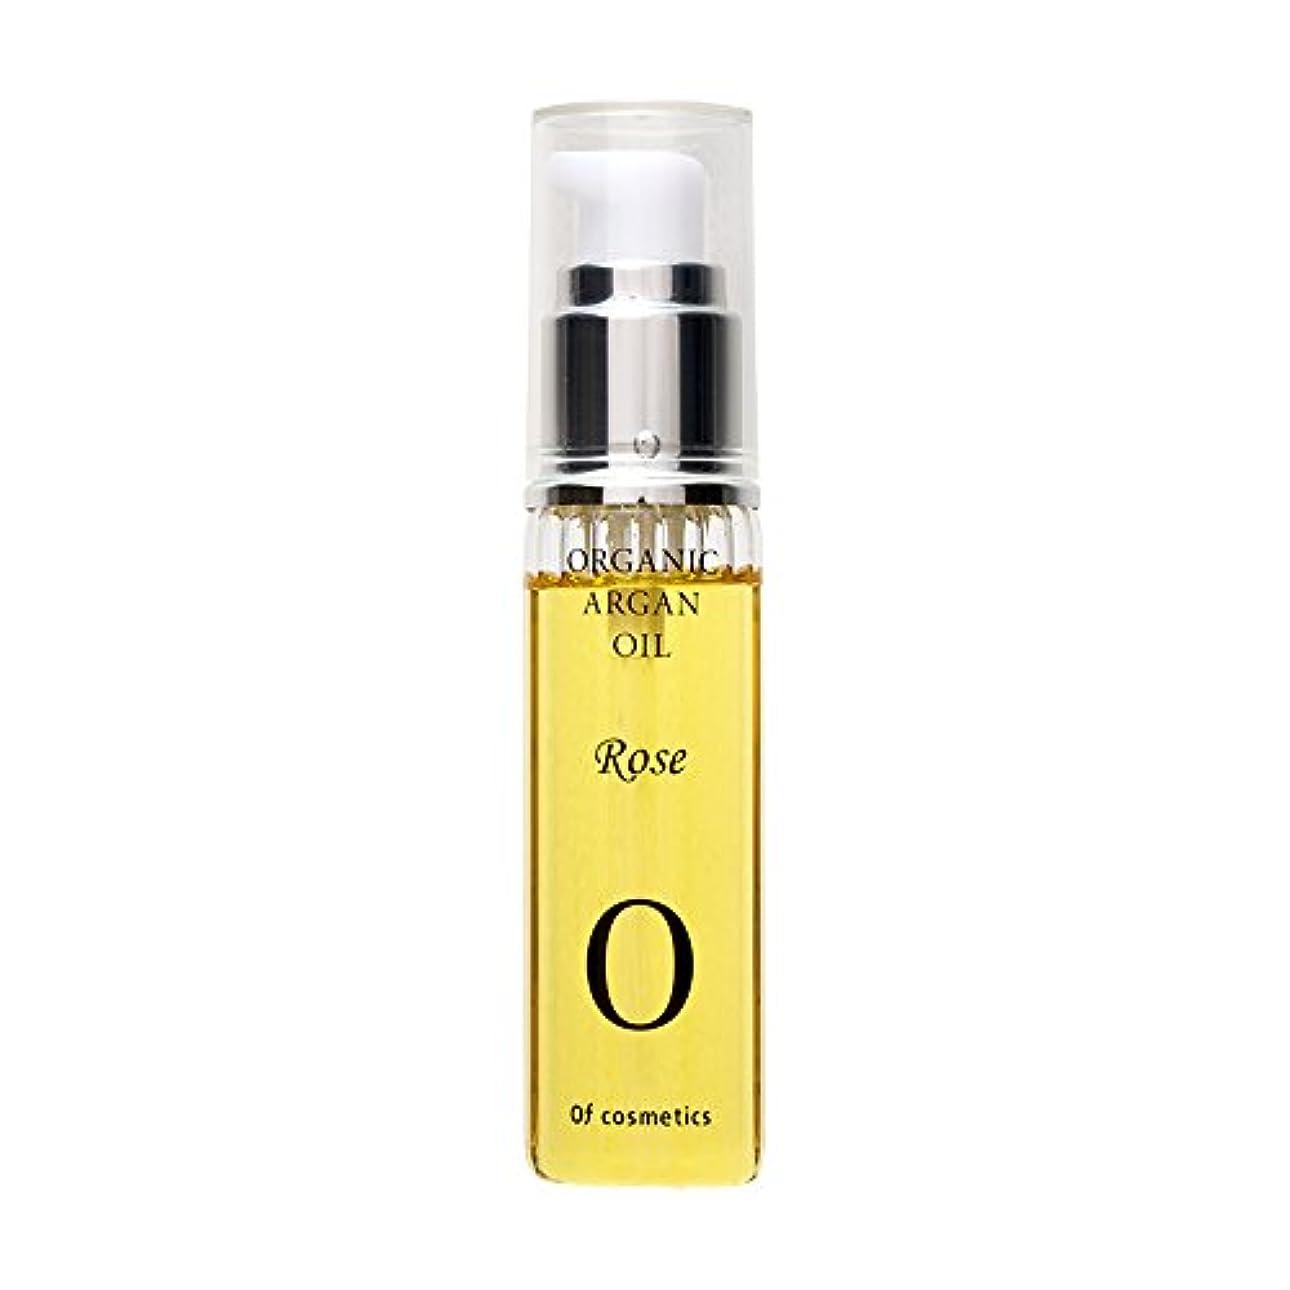 ダイバー著名なペストオブ?コスメティックス スキンオイル?0-RO スタンダードサイズ ローズの香り 40ml